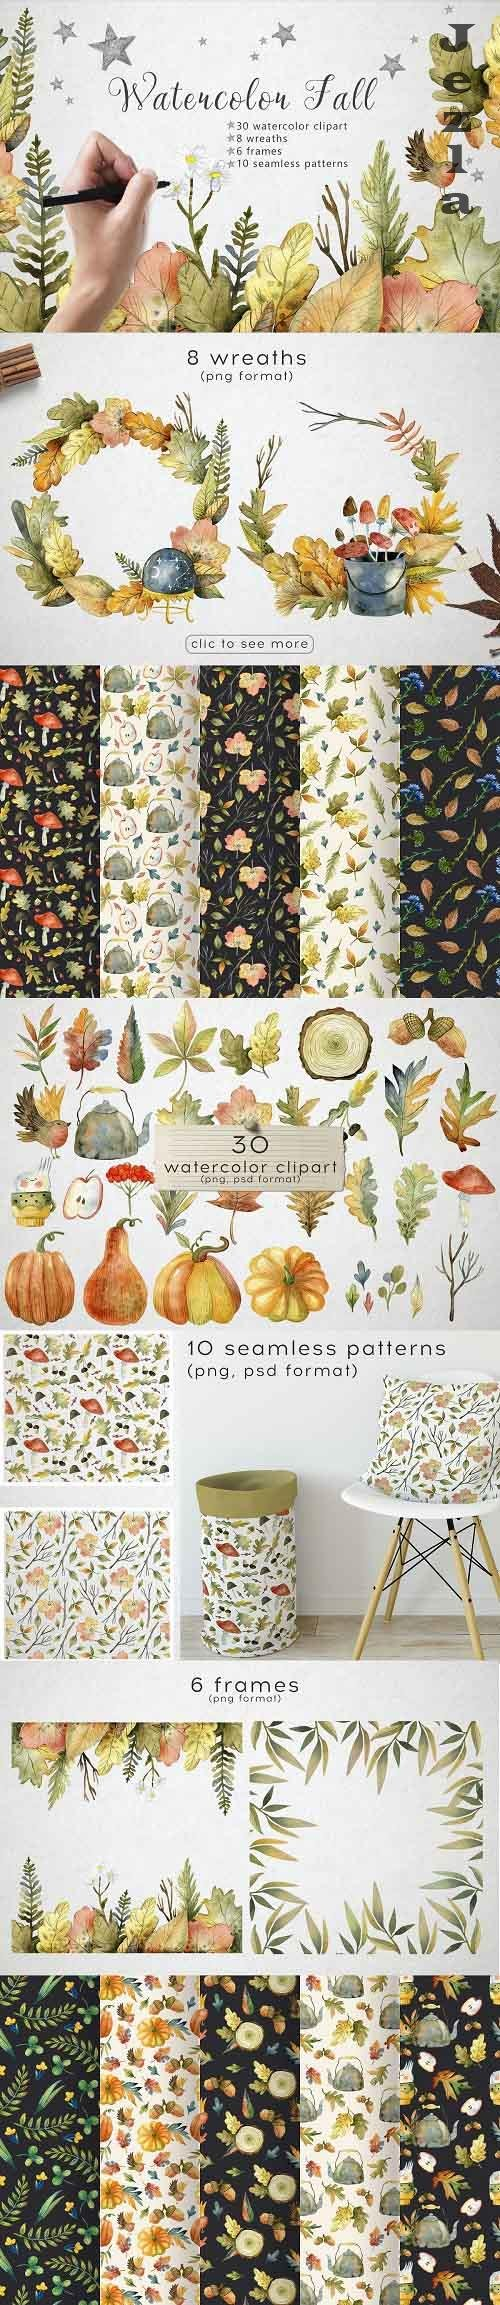 Hello autumn - watercolor collection - 5422253